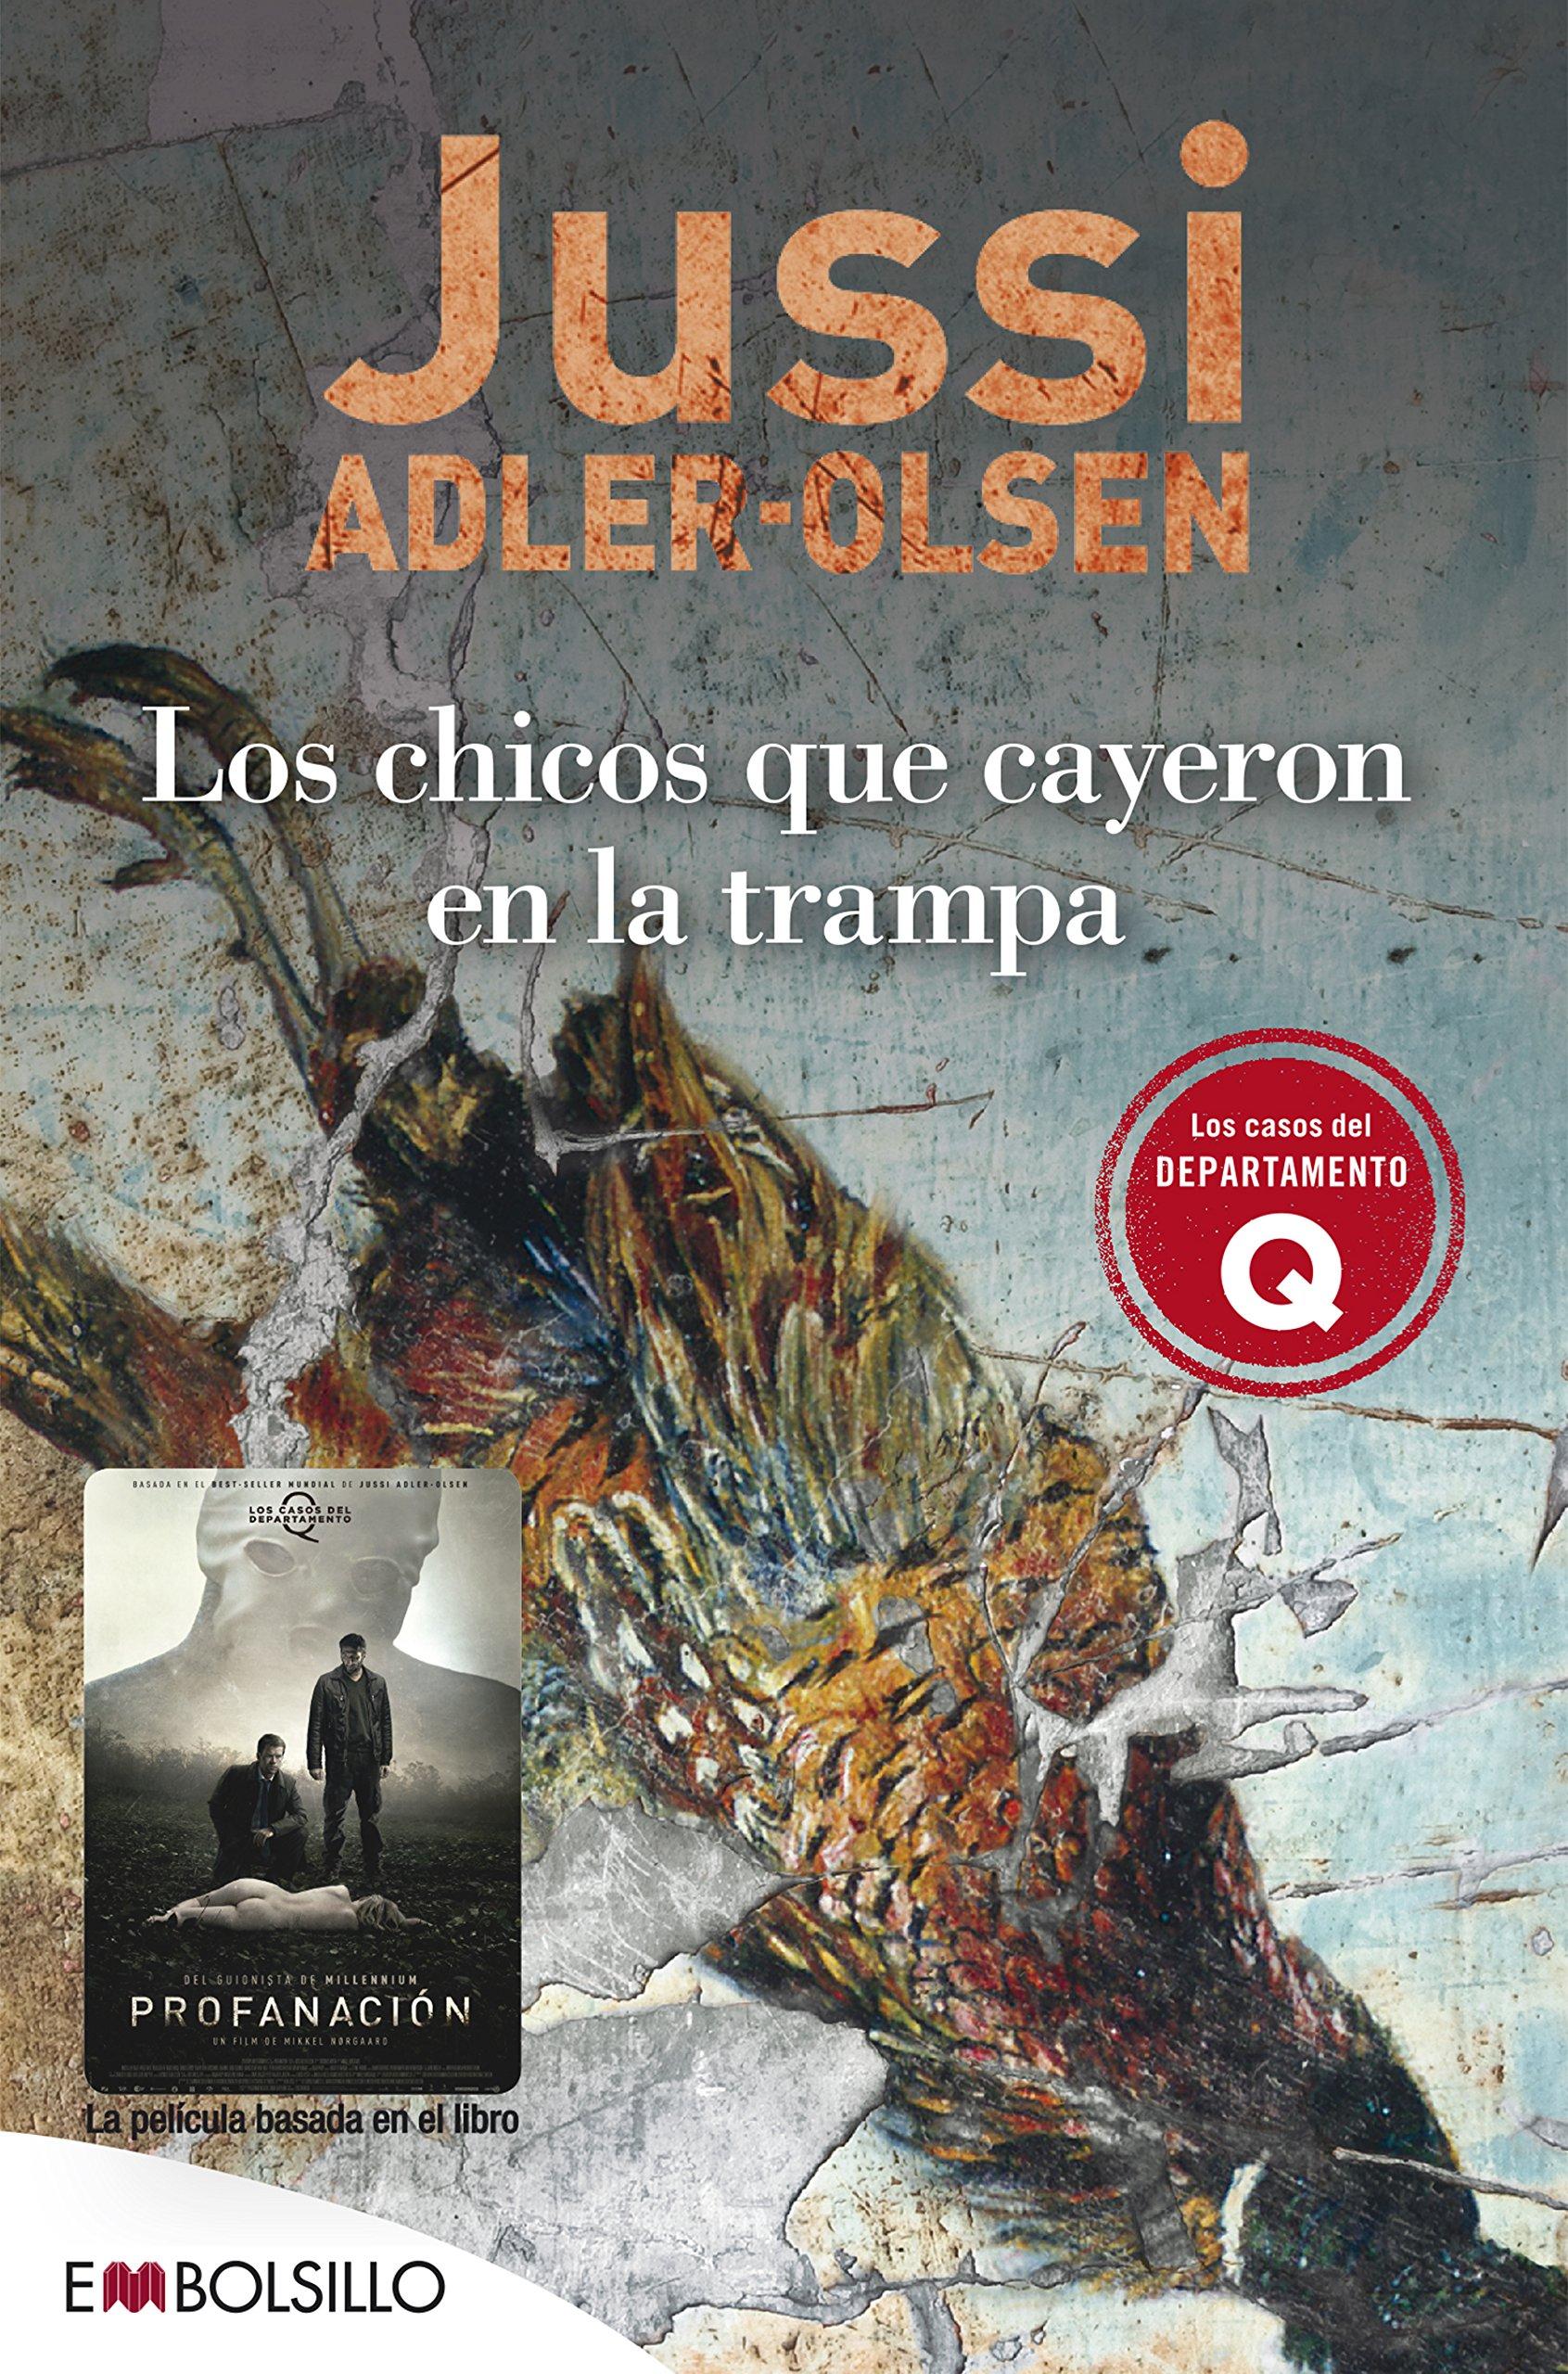 Adler-Olsen, Jussi